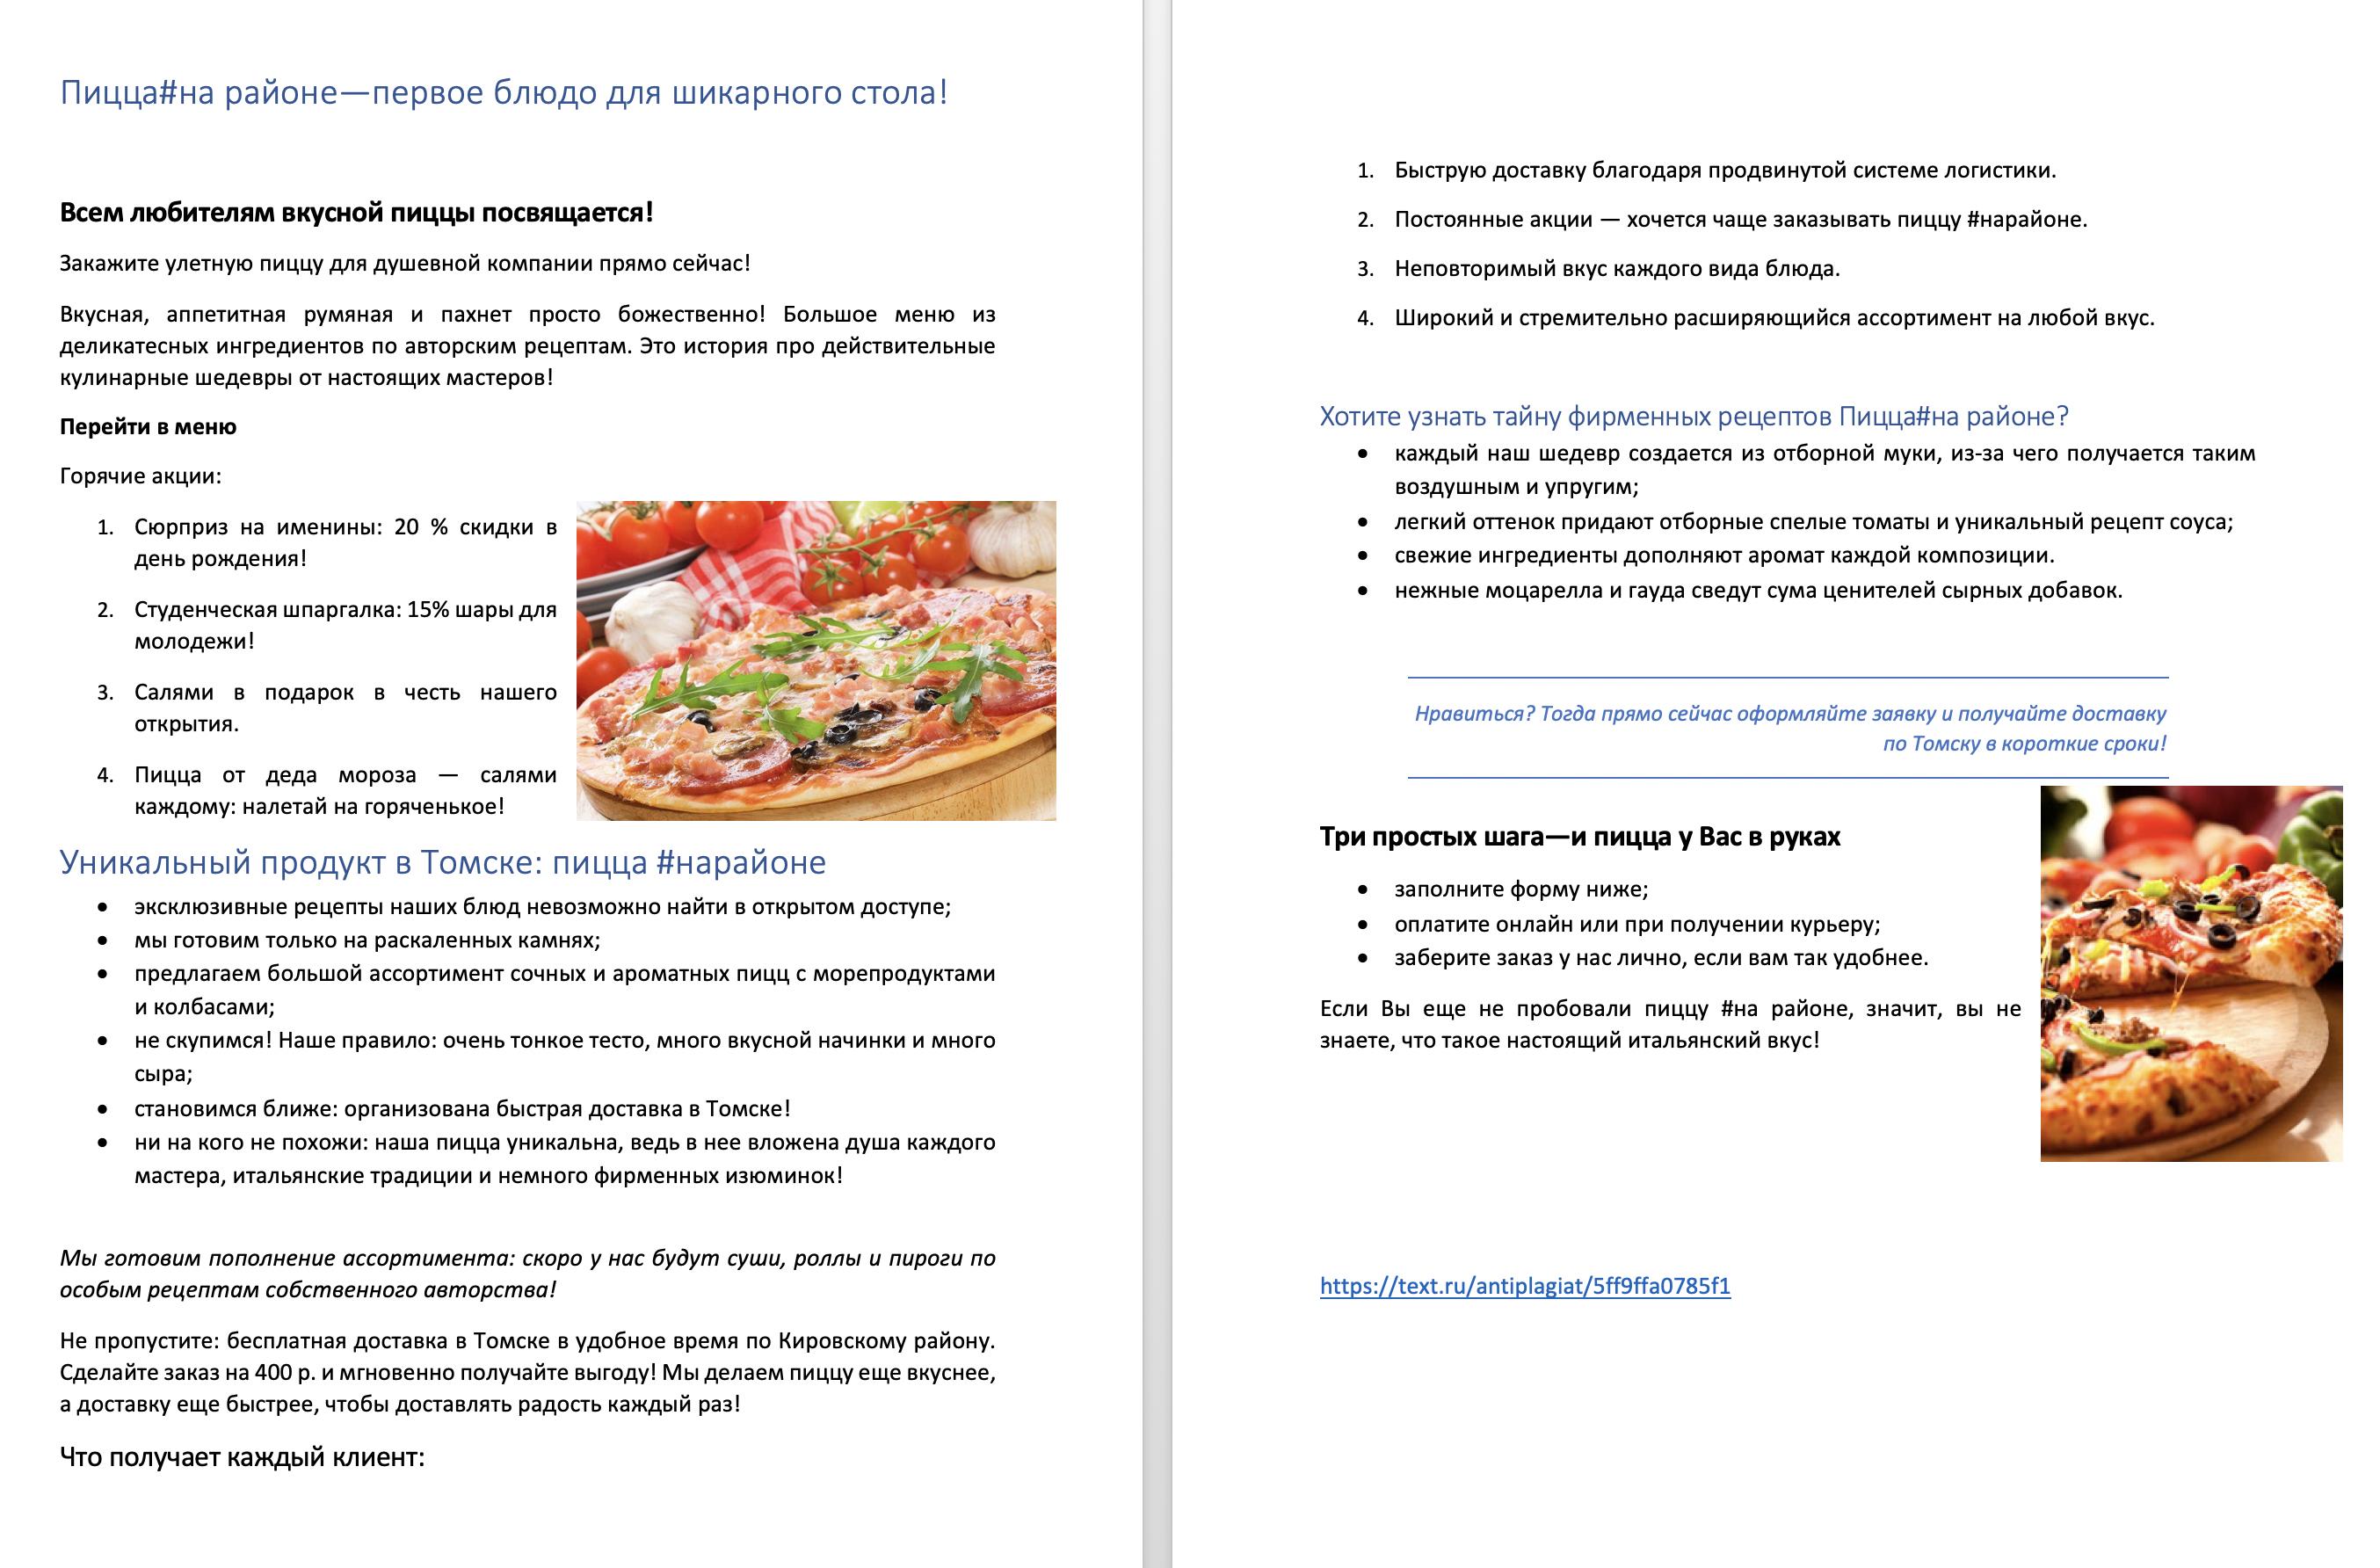 Пример 92 текст для лендинга пиццерии #НАРАЙОНЕ